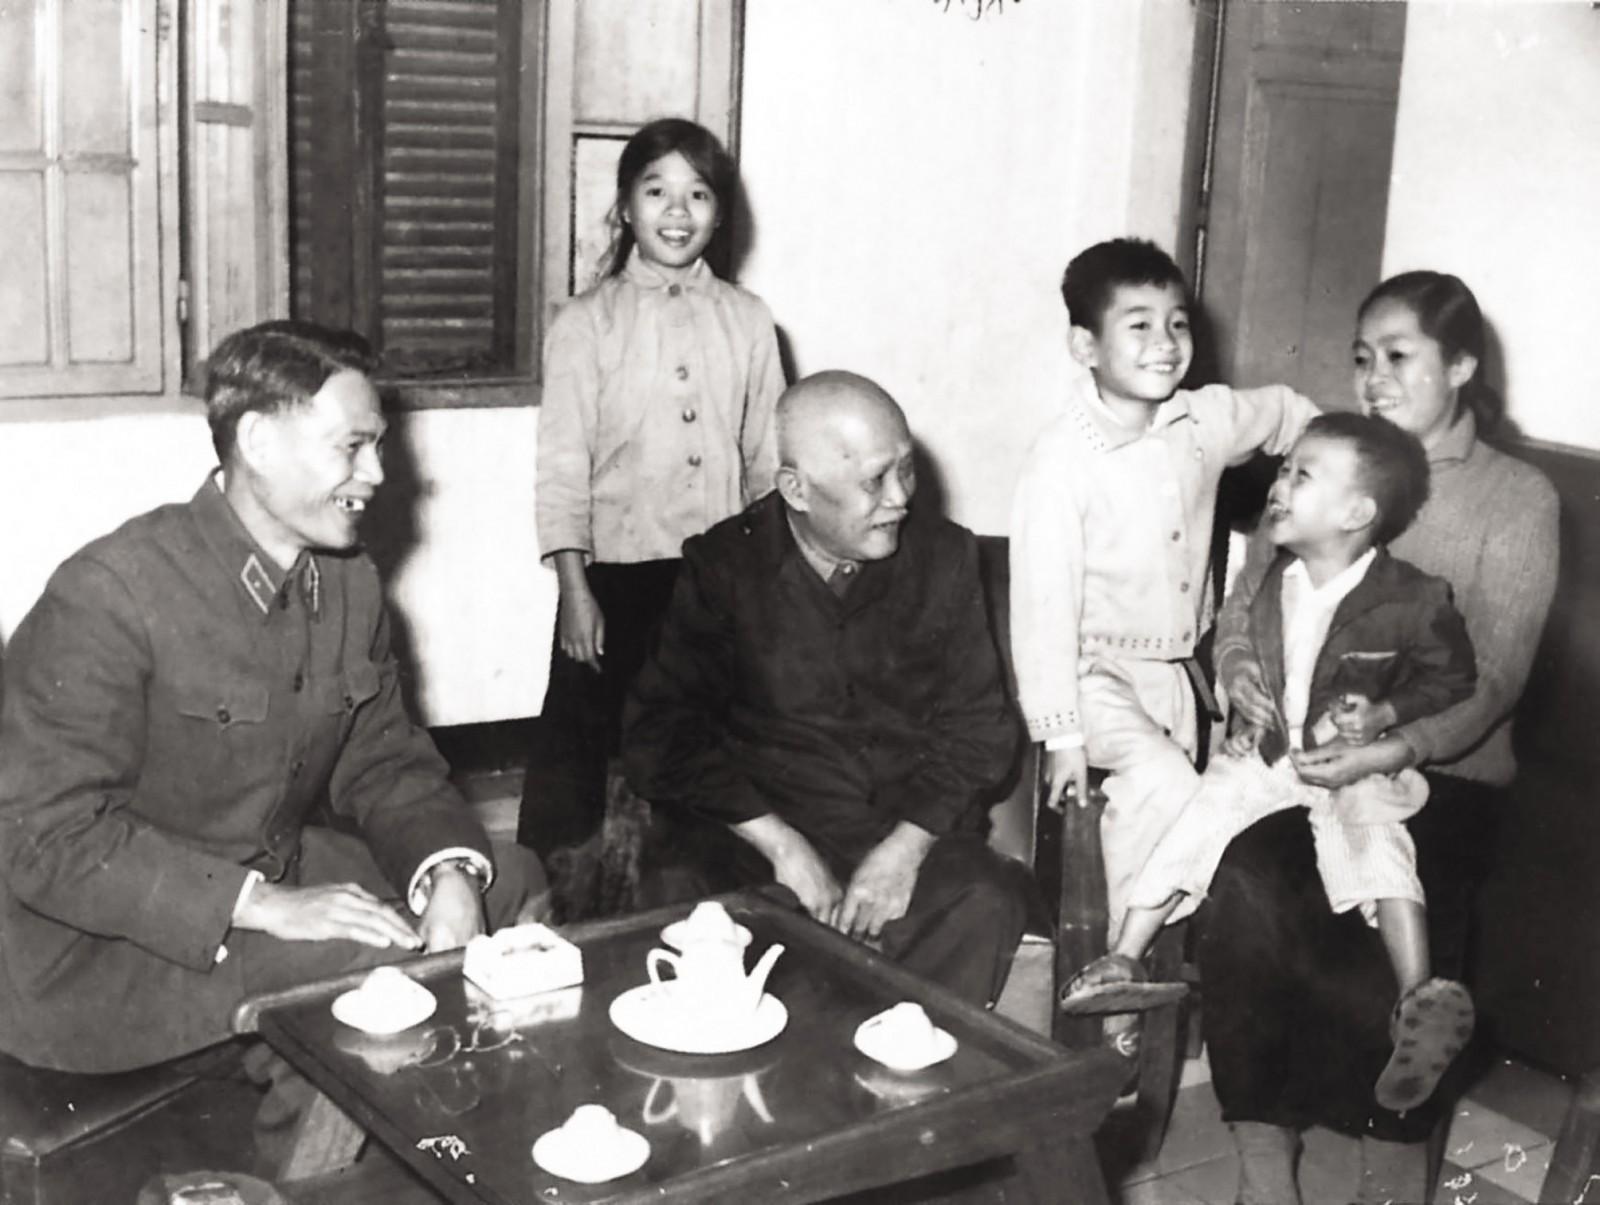 Gia đình Thiếu tướng Tô Ký đón Chủ tịch nước Tôn Đức Thắng đến thăm năm 1970 ở Hà Nội.